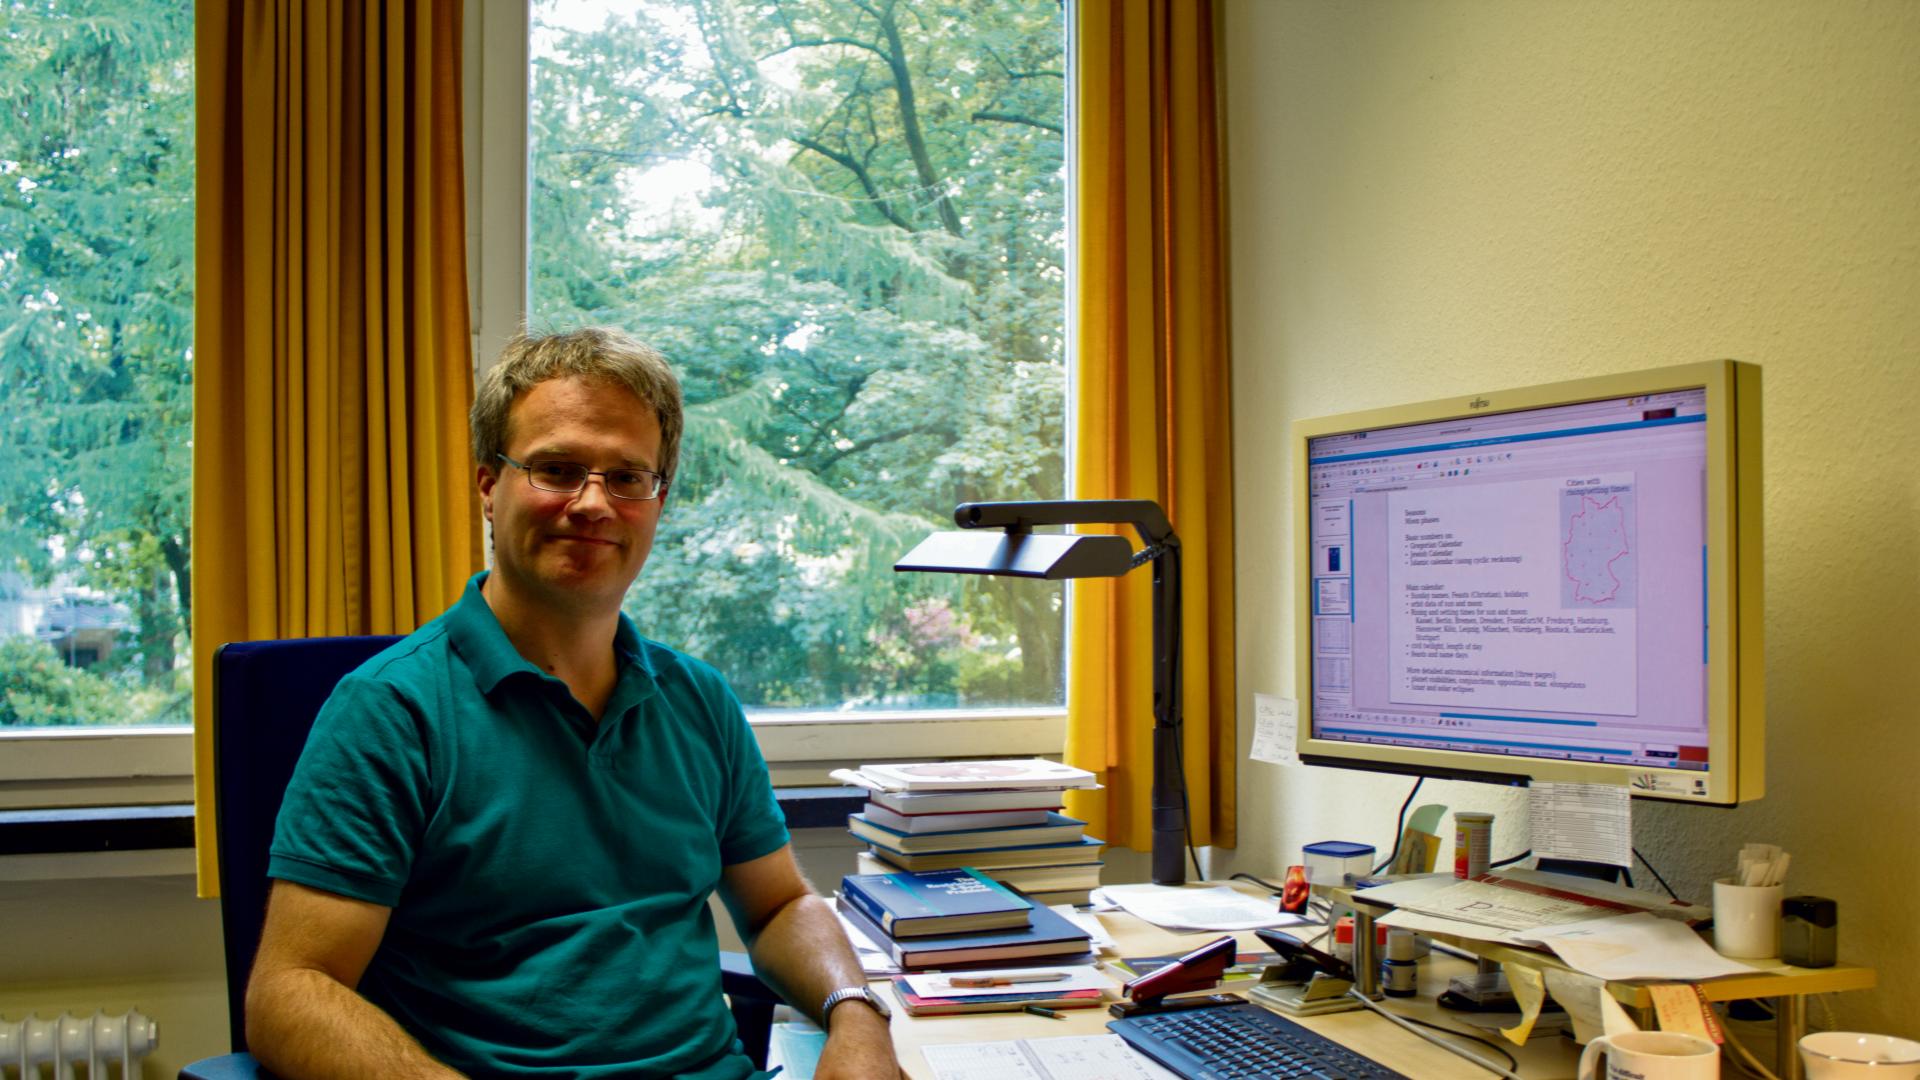 Robert Schmidt führt alljährlich die Berechnung der Kalenderdaten durch. Bild: Malte Krohn